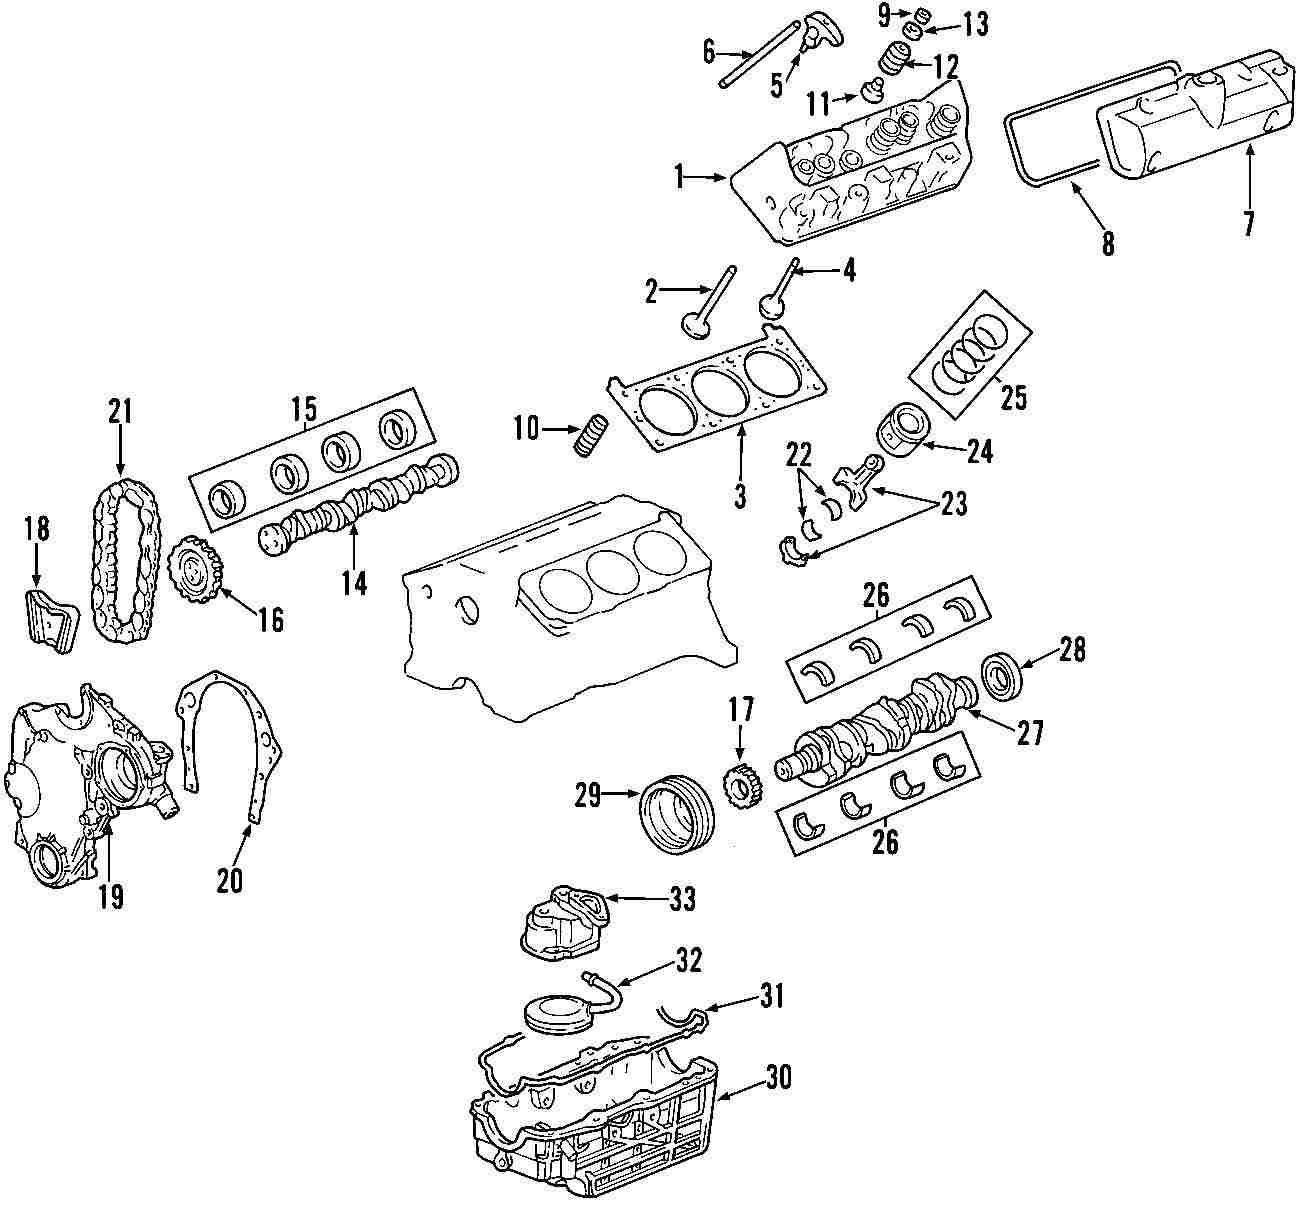 Mopar Direct Parts Dodge Chrysler Jeep Ram Wholesale Retail Saturn Lw300 Engine Piston Diagram Genuine Valve Cover Sat 12591710